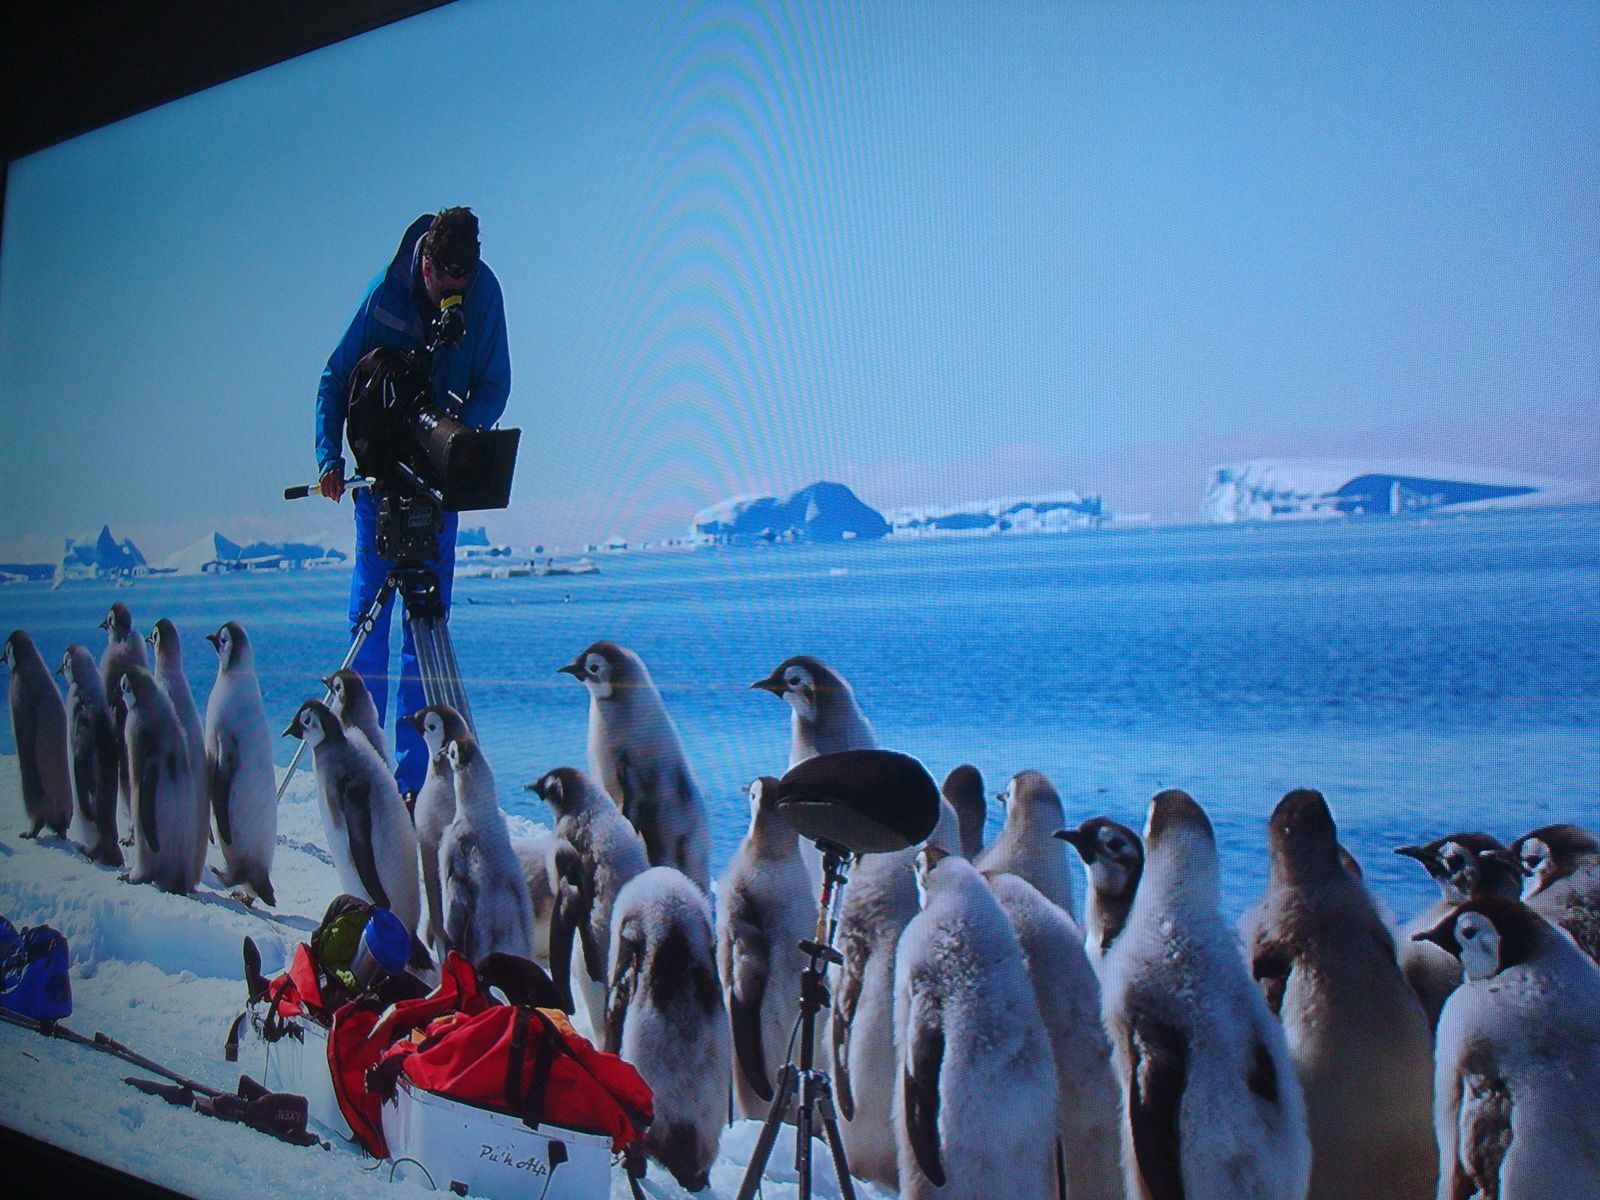 Moi ce  qui m'a intéressé au  musée c'est  le film  ou les photographes prennent des  photos  des   pingouins. Christopher